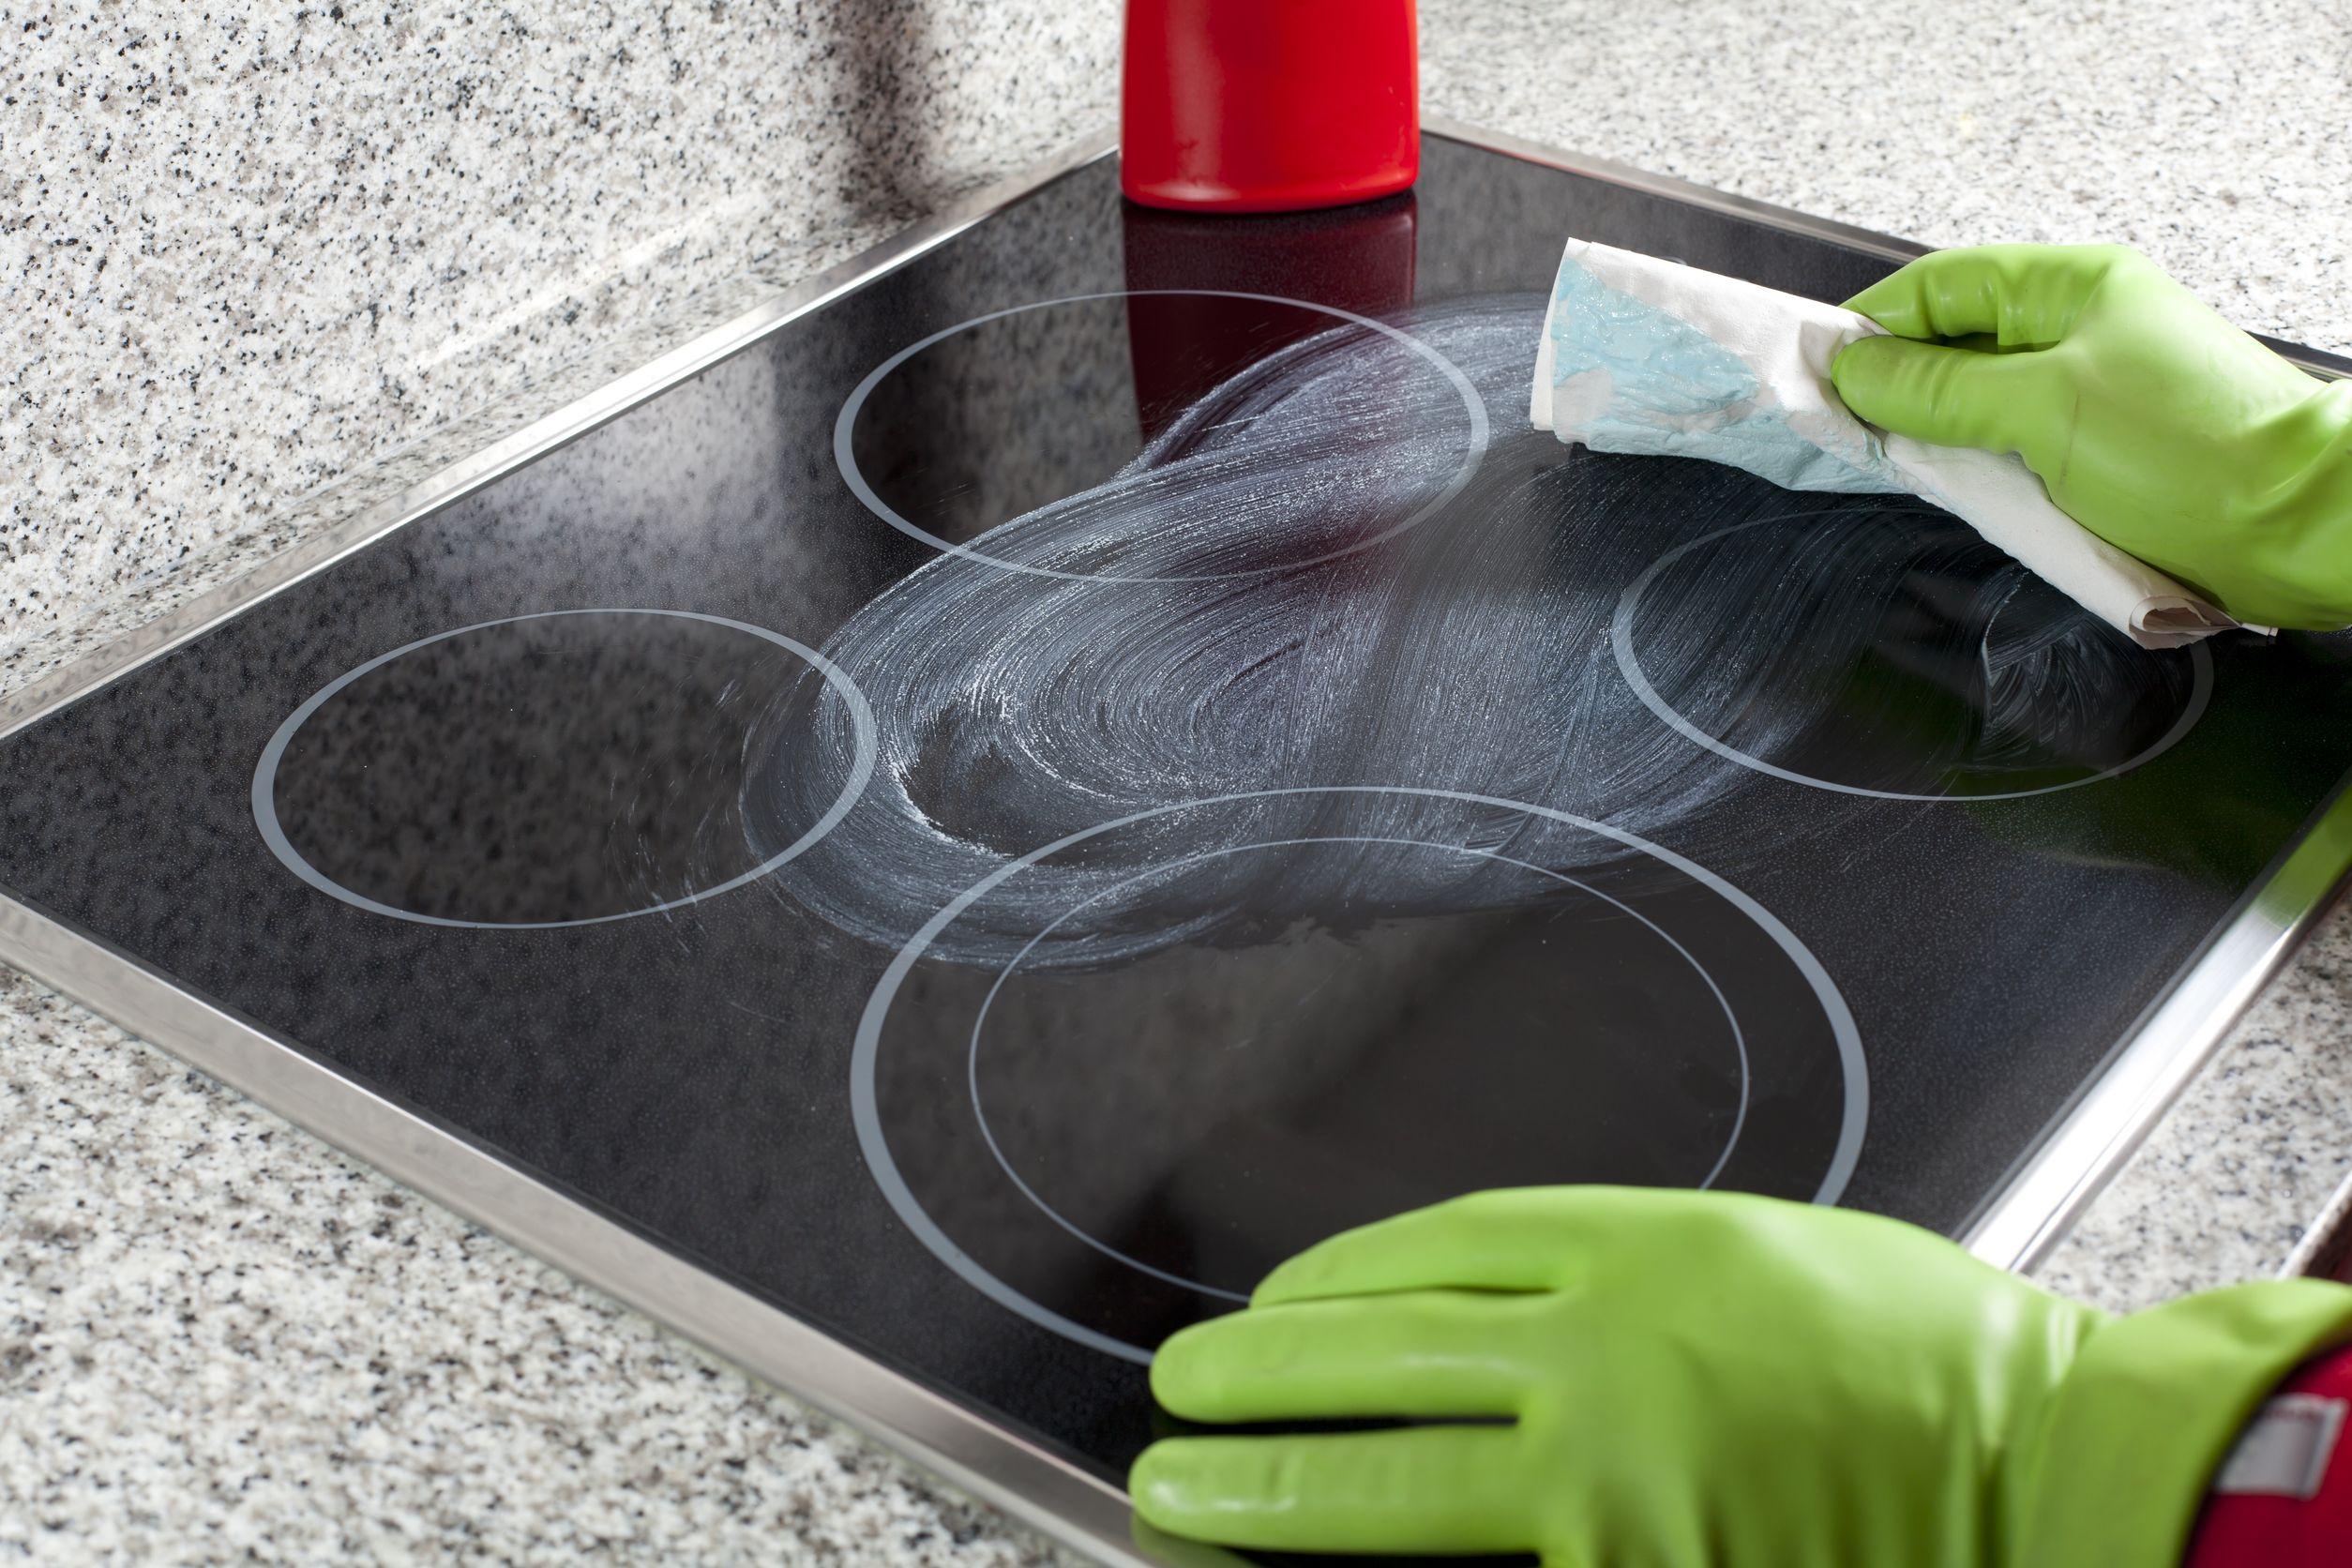 vitrocerámica arañazos